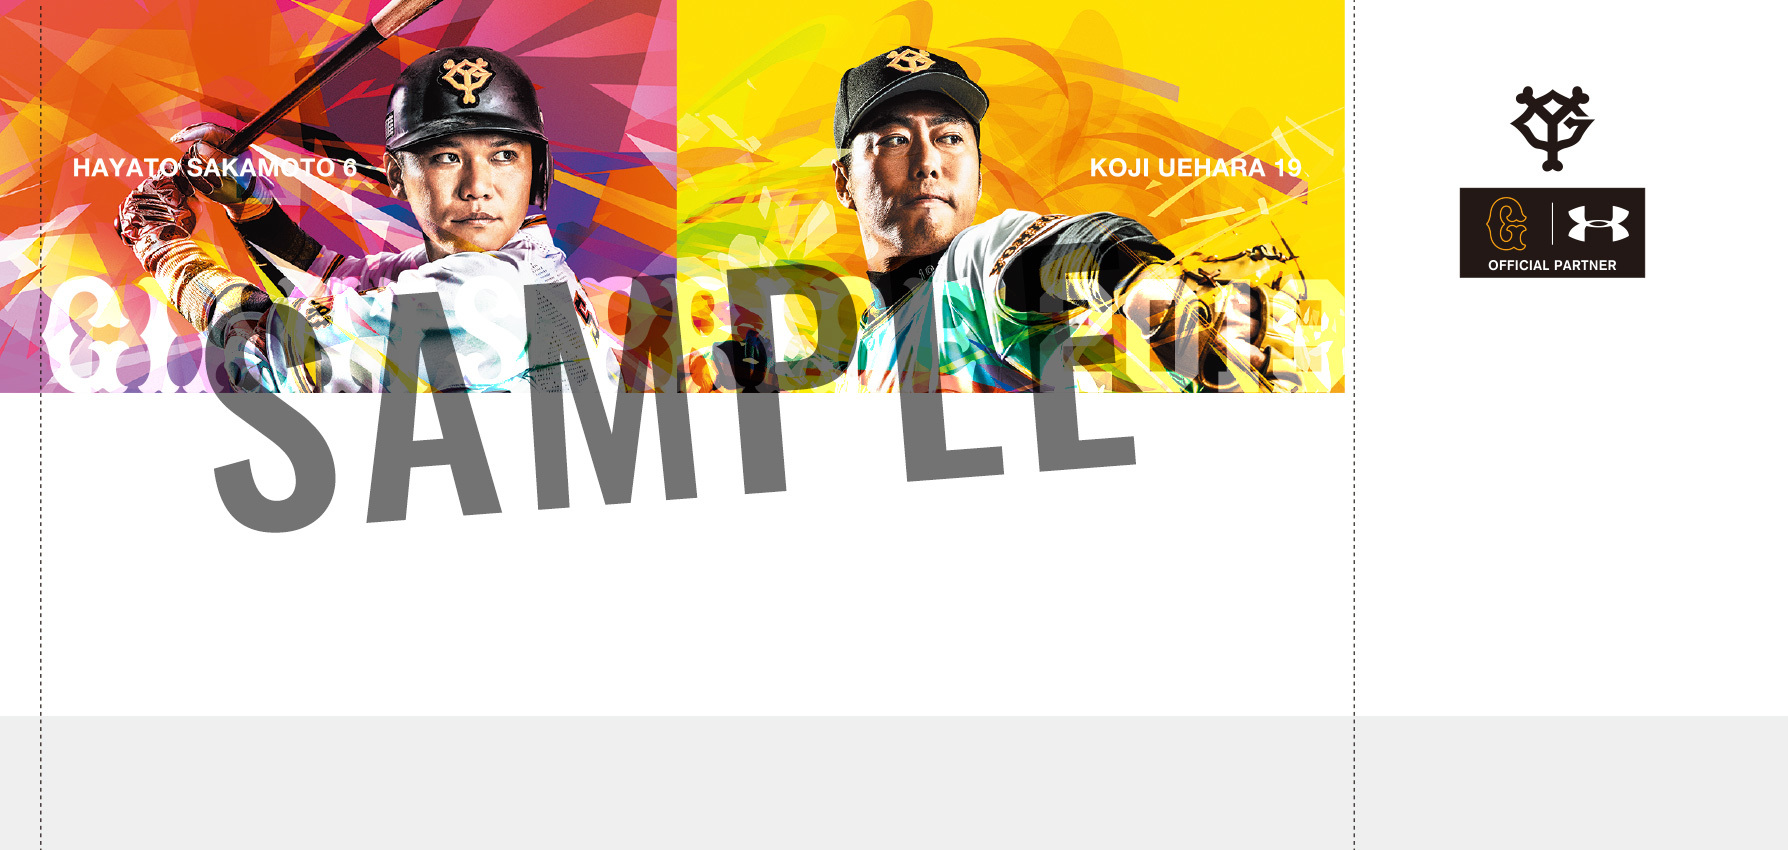 両選手の写真がデザインされた特別チケット